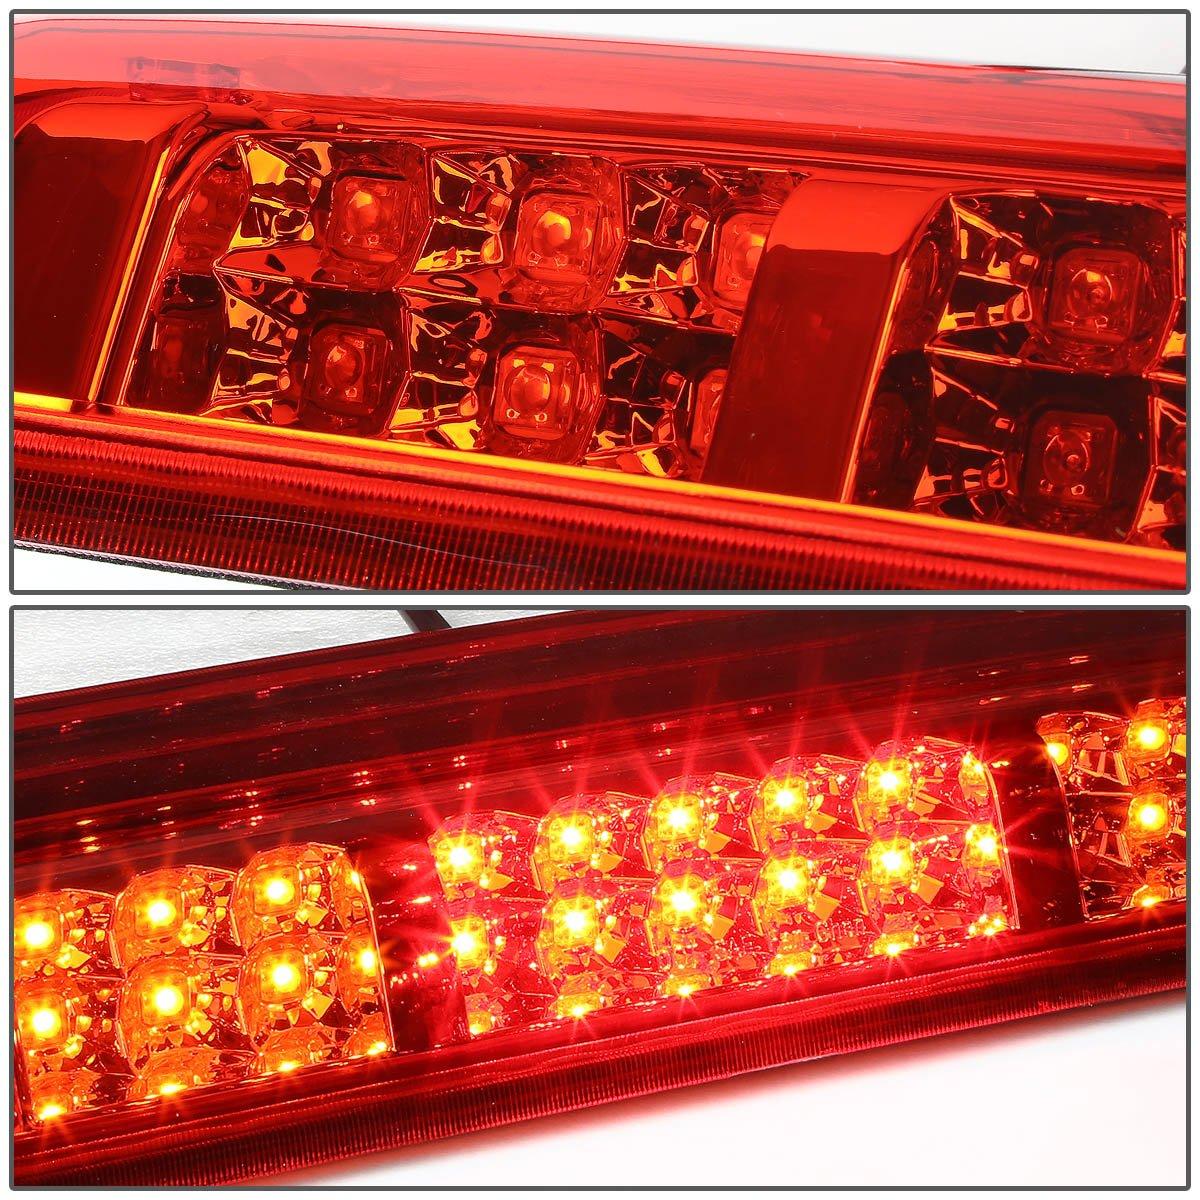 DNA Motoring 3BL-F15004-LED-RD Third Brake Light